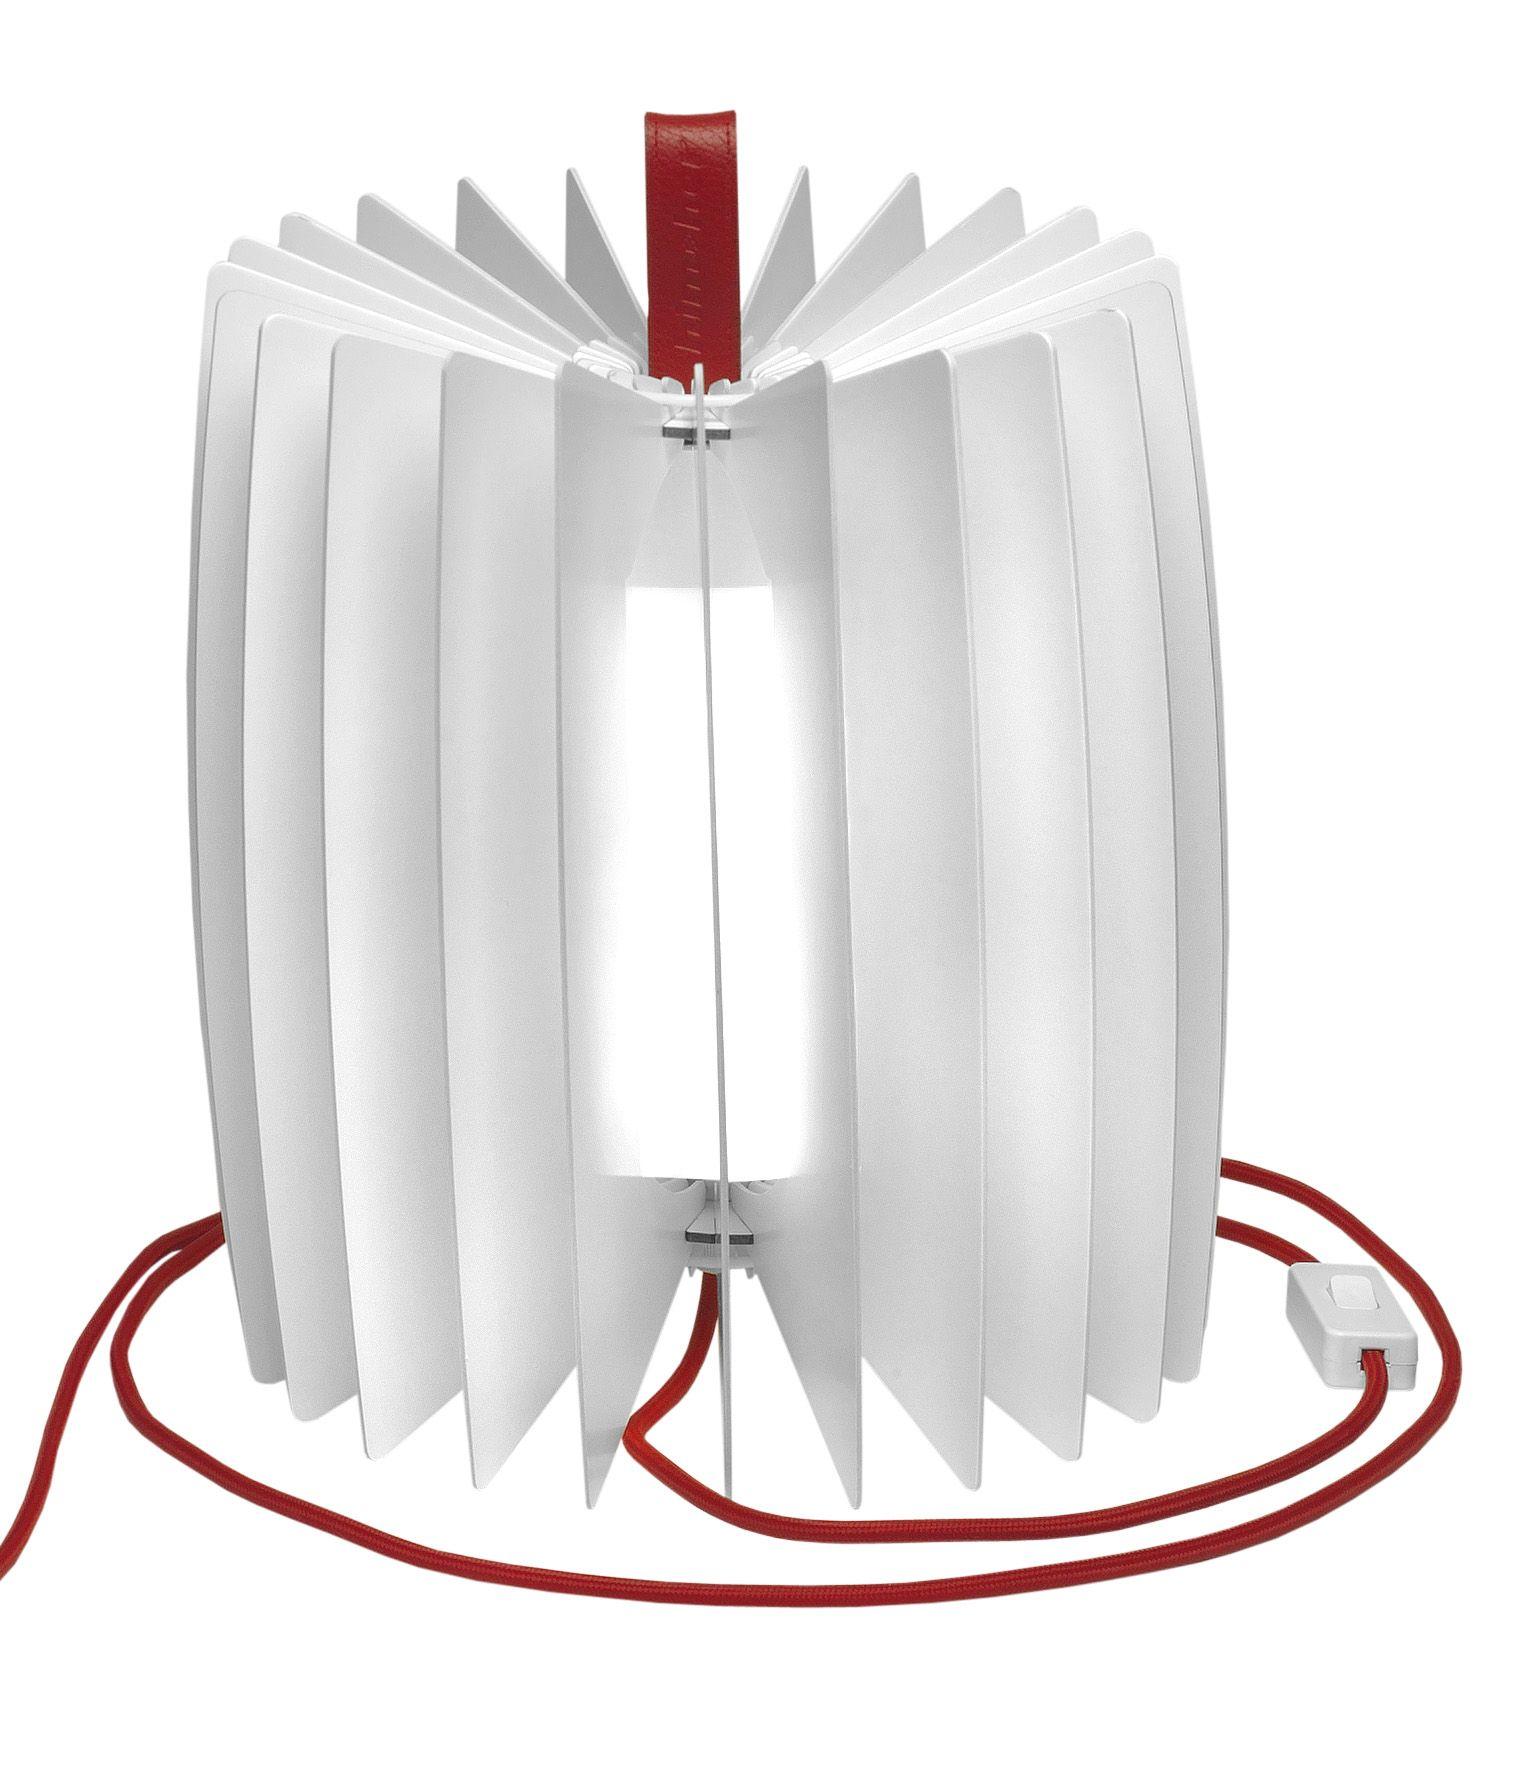 Him her tischleuchte 1flg niko schwab versand for Stehlampen designerlampen